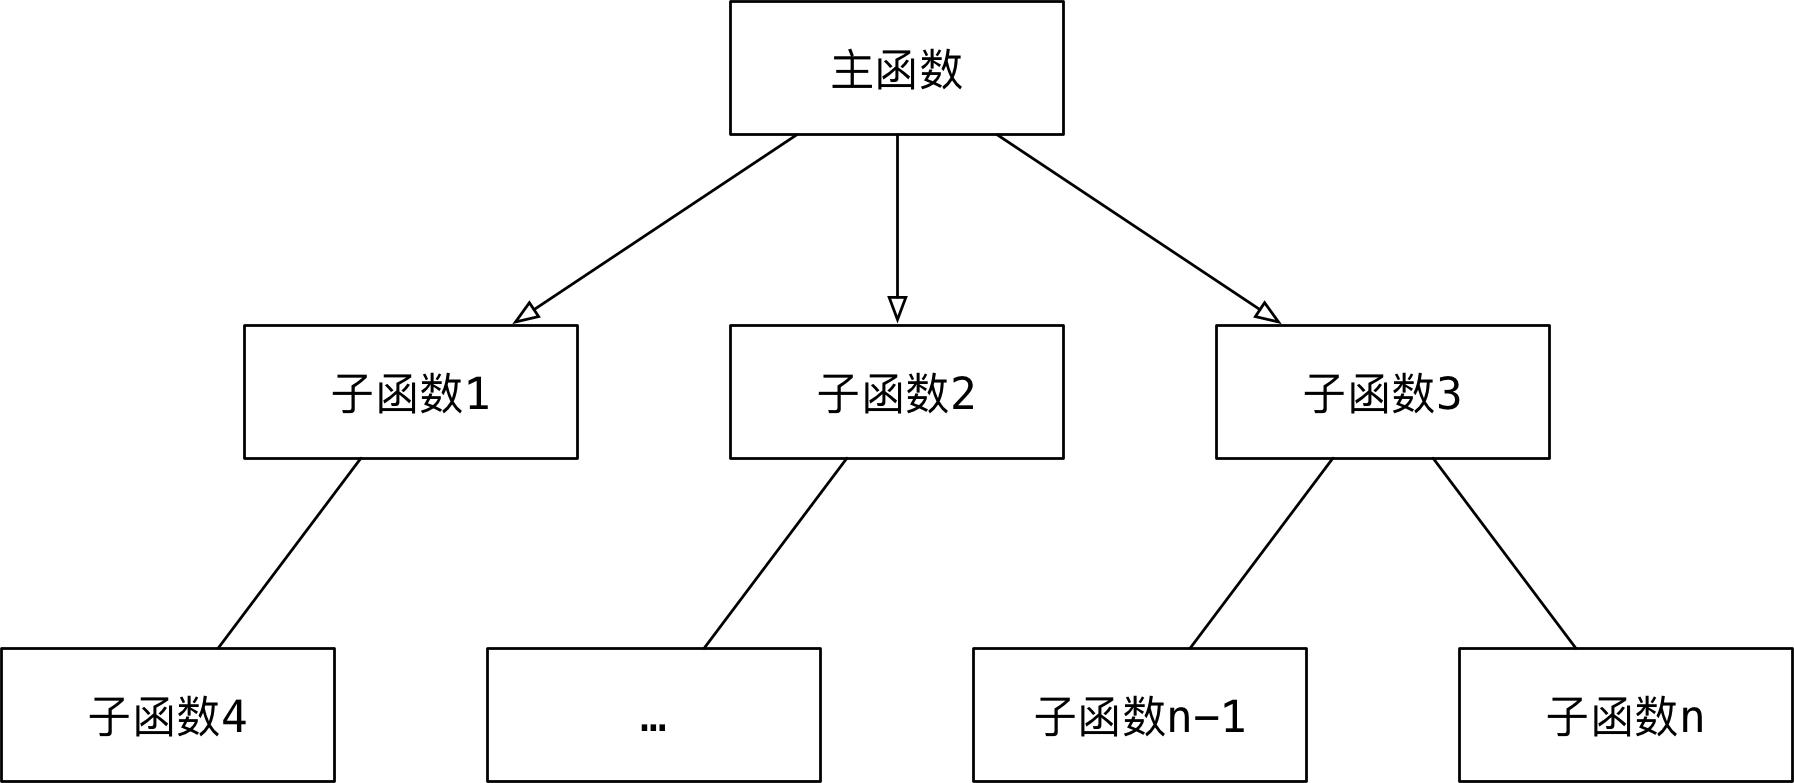 001_面向过程.png